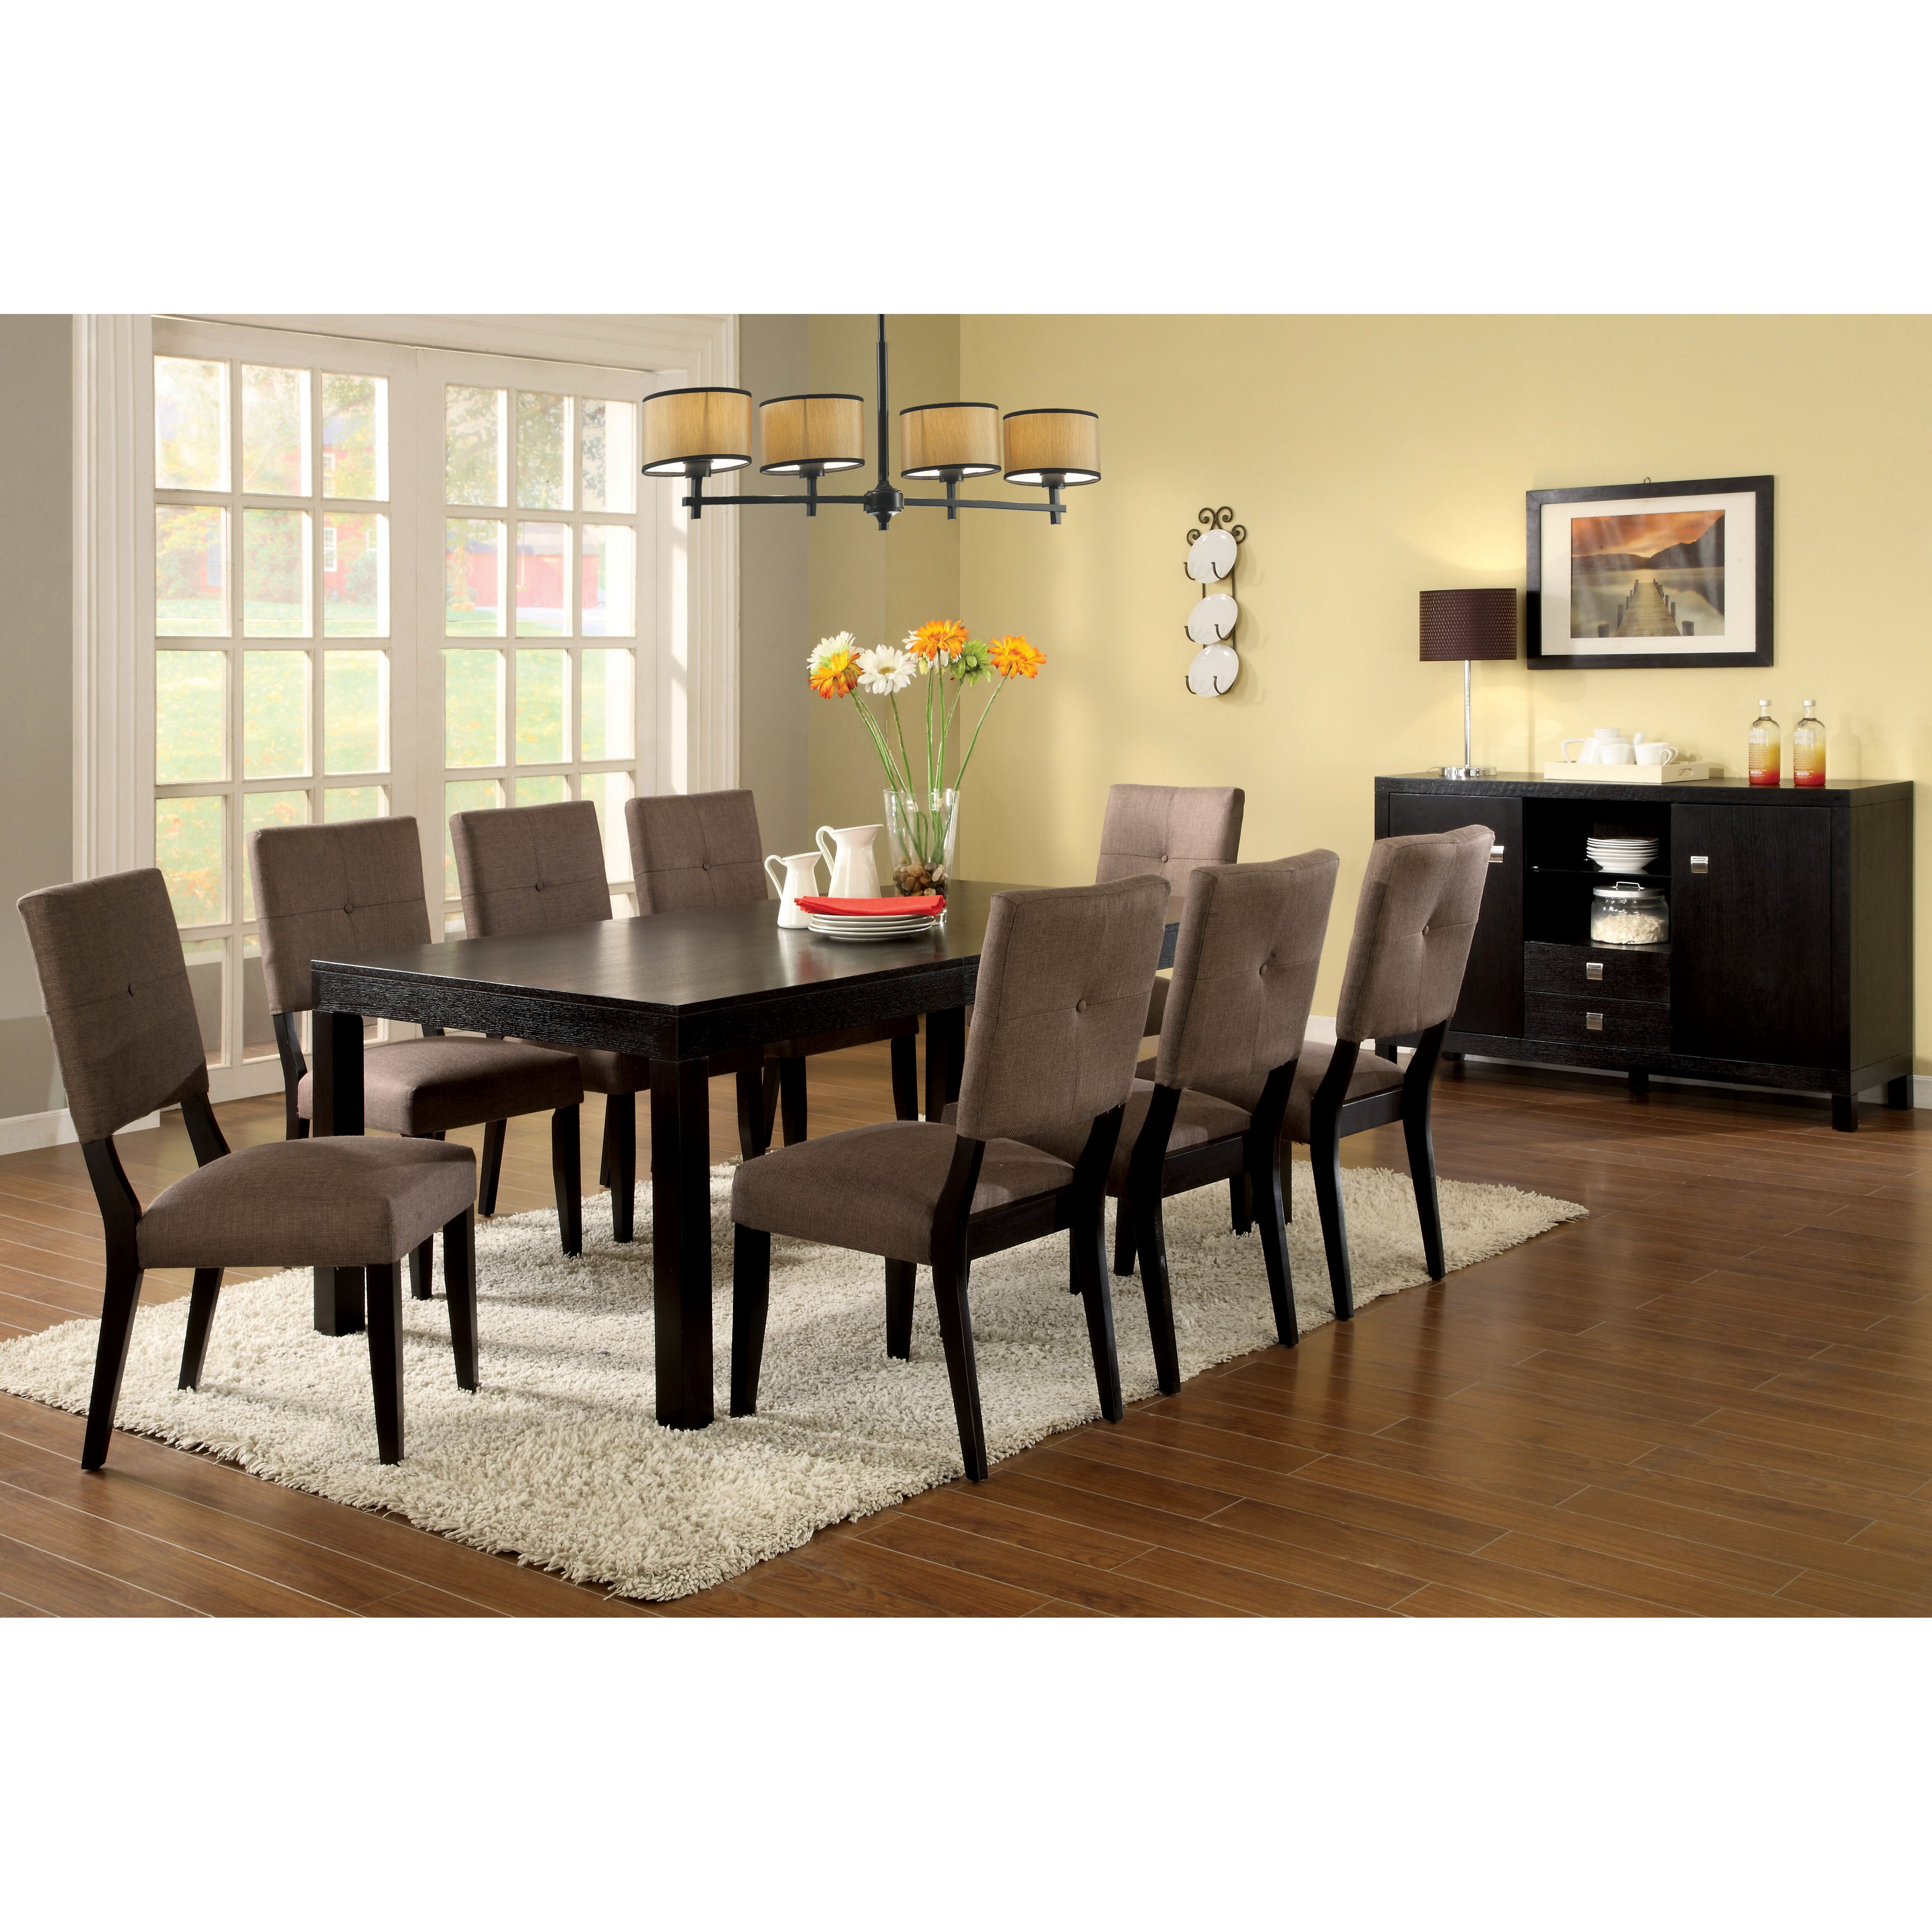 Hokku designs sideboard in espresso reviews wayfair for Hokku designs dining room furniture